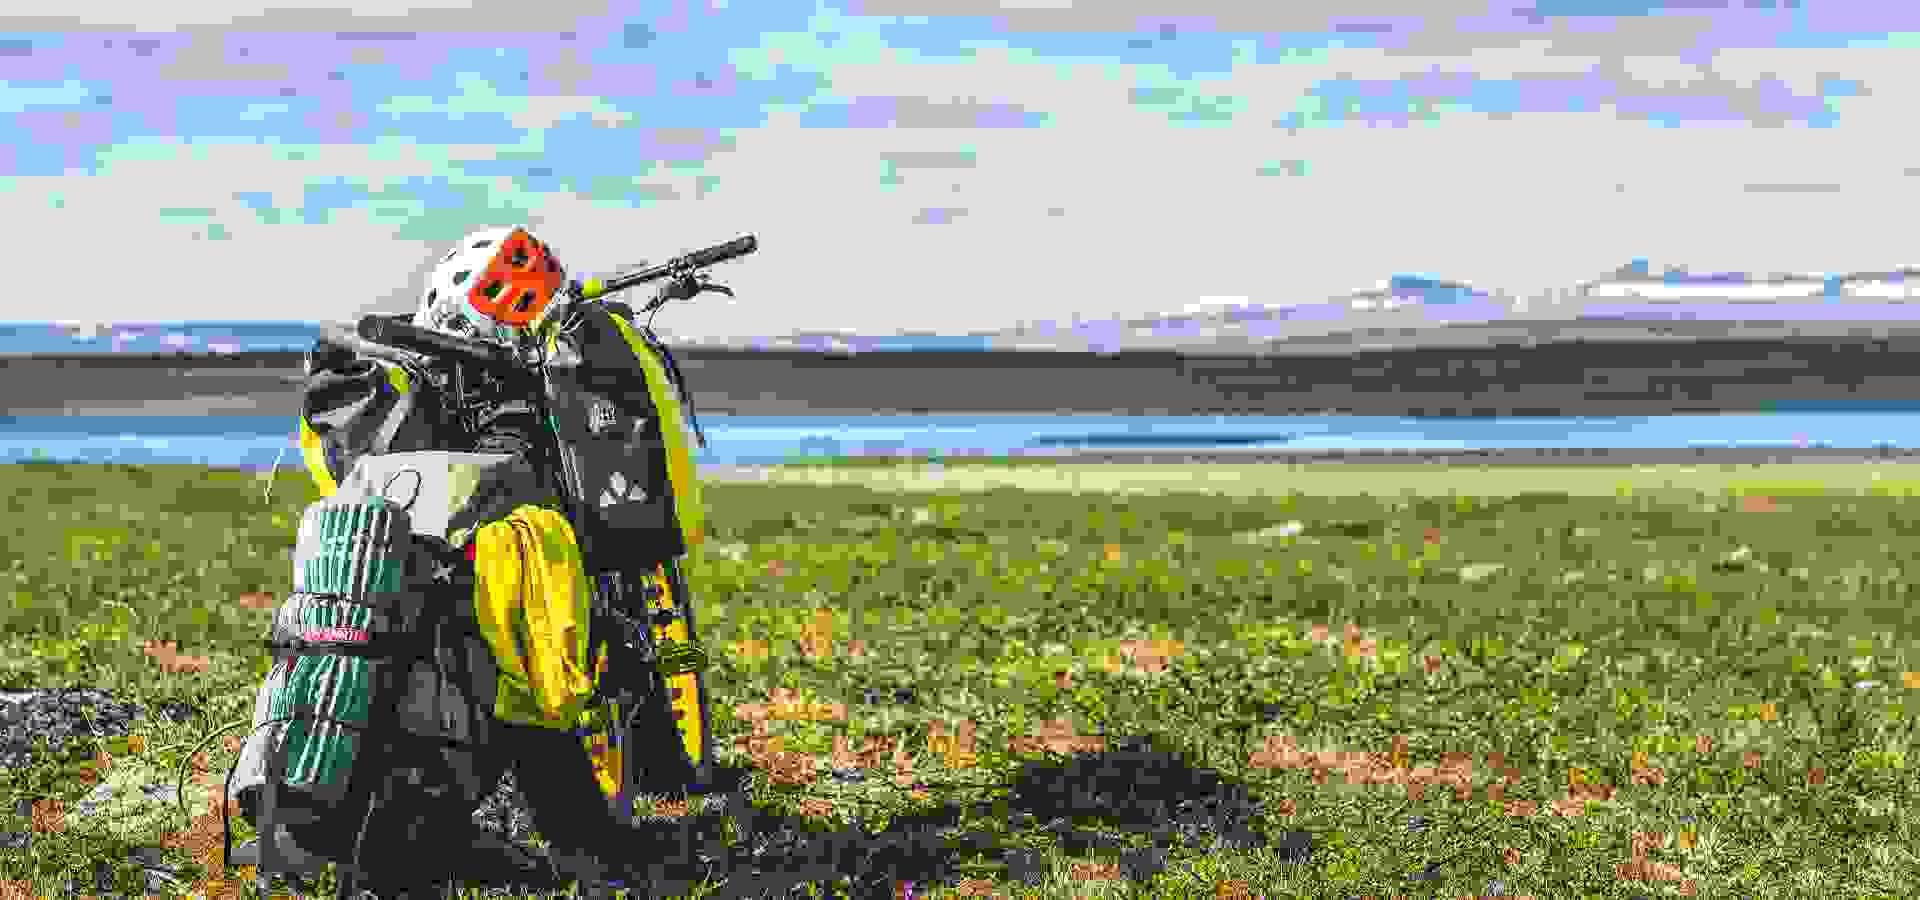 fatbike fishing, david björkén, 1920 x 960, hero